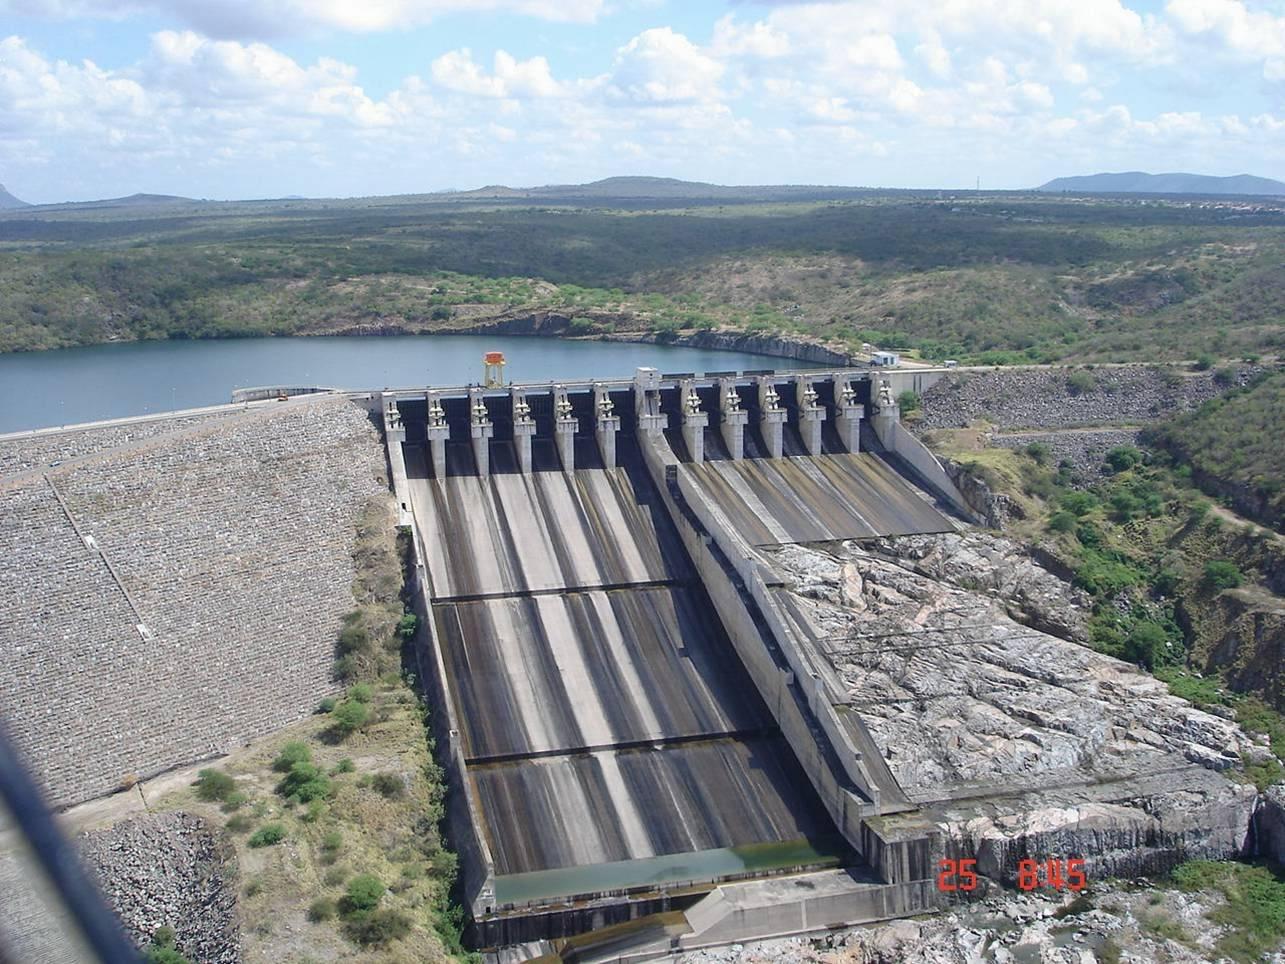 Barragem para reservação de água.